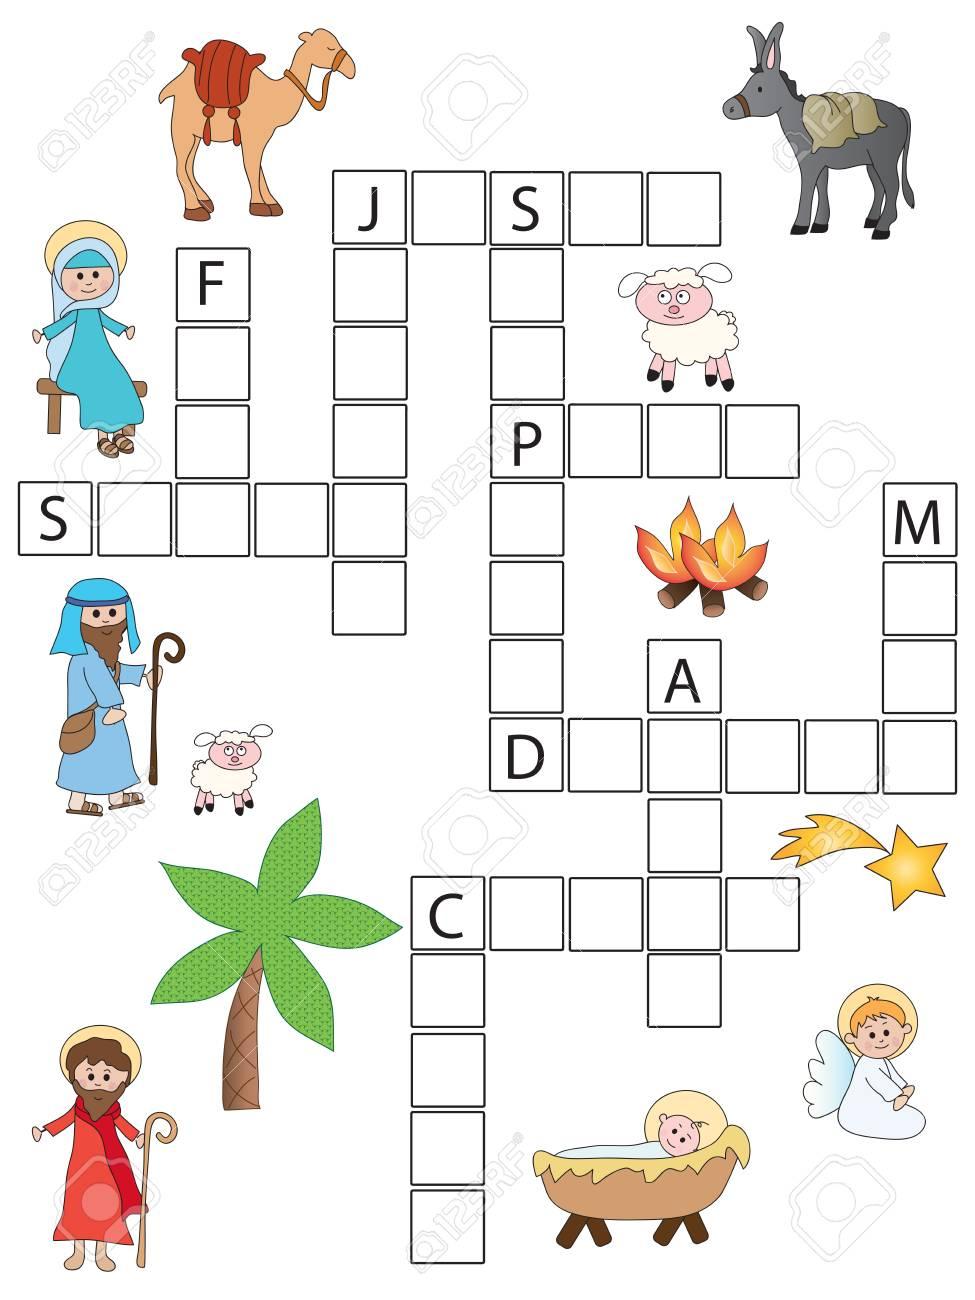 Christmas Crossword.Game For Children Christmas Crossword